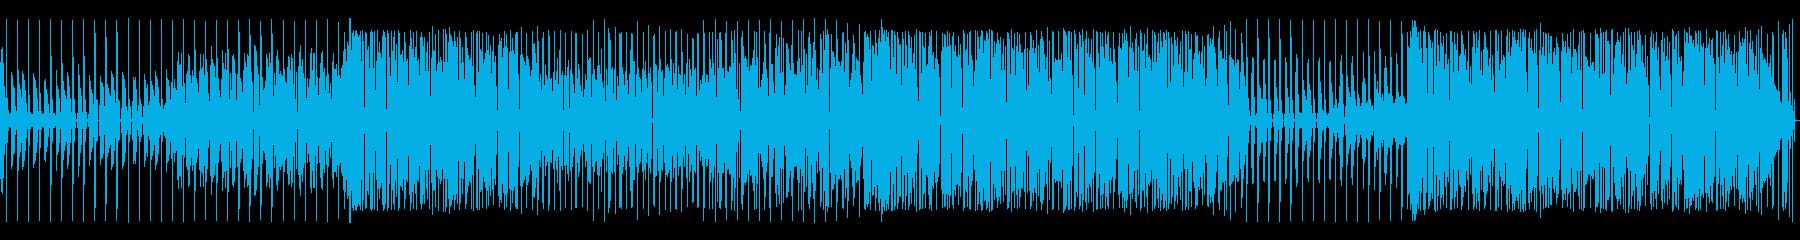 ジャミロクワイ風ファンキートラックの再生済みの波形